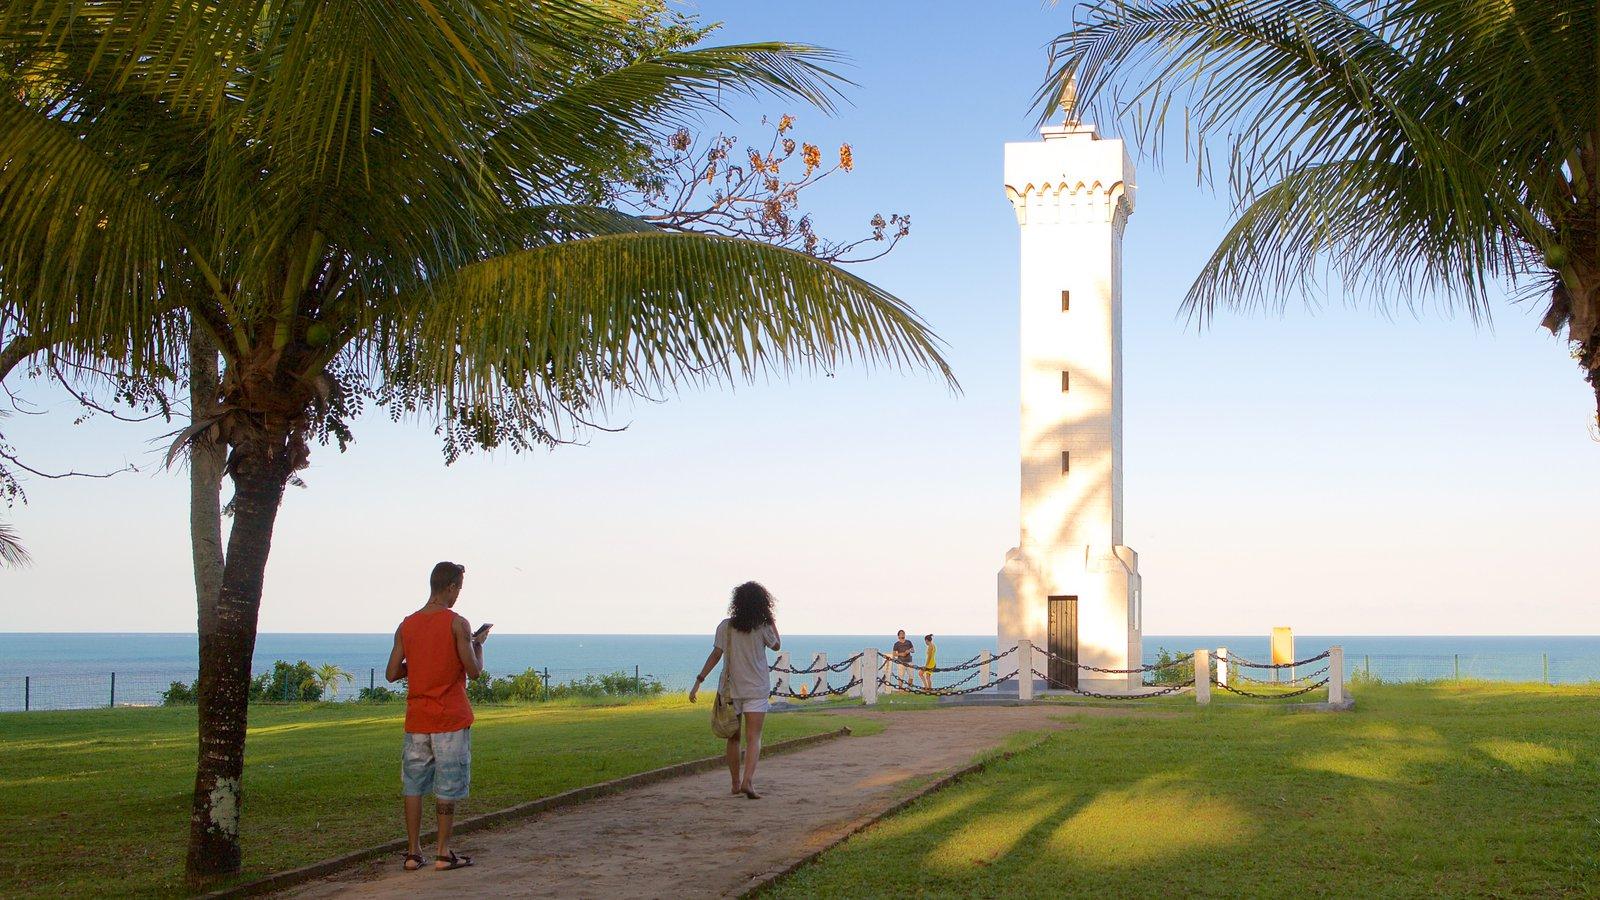 Porto Seguro que inclui um monumento, cenas tropicais e paisagens litorâneas